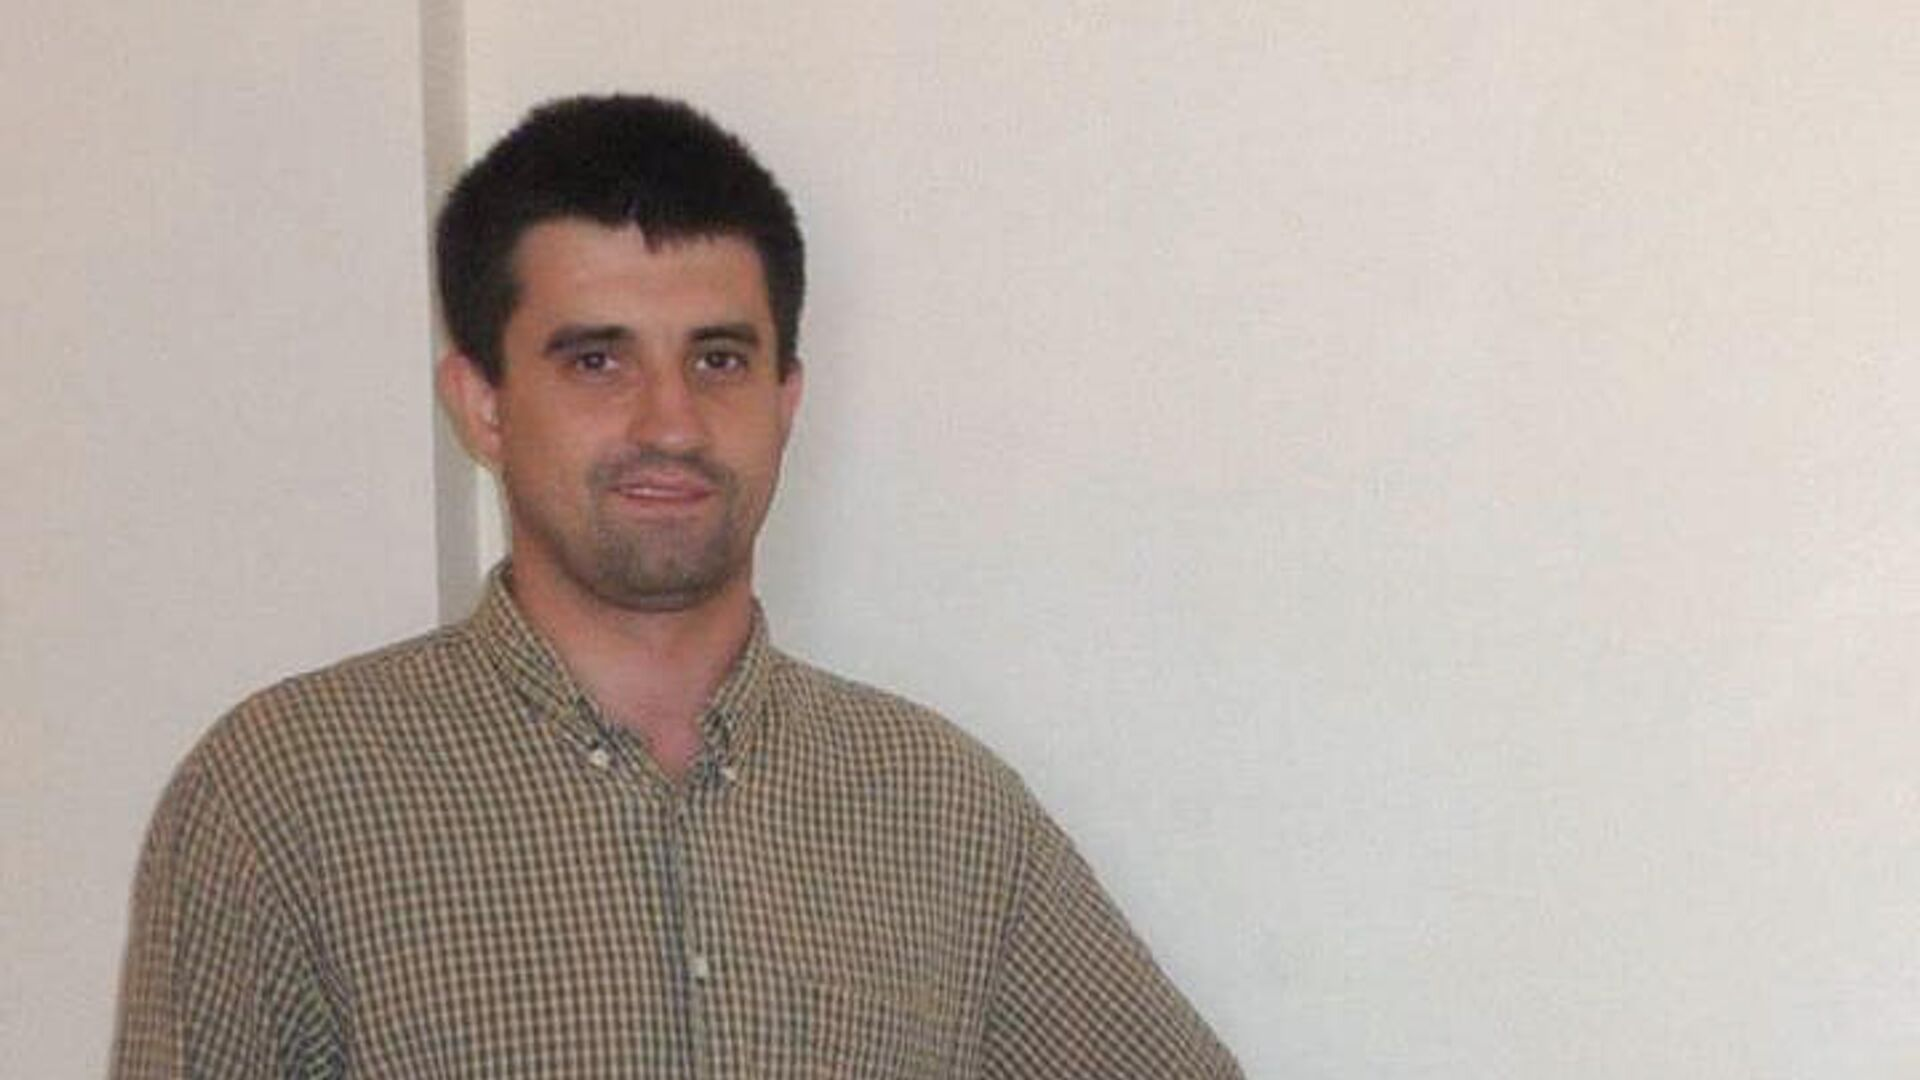 ФСБ России задержала с поличным украинского дипломата в Санкт-Петербурге - РИА Новости, 1920, 17.04.2021